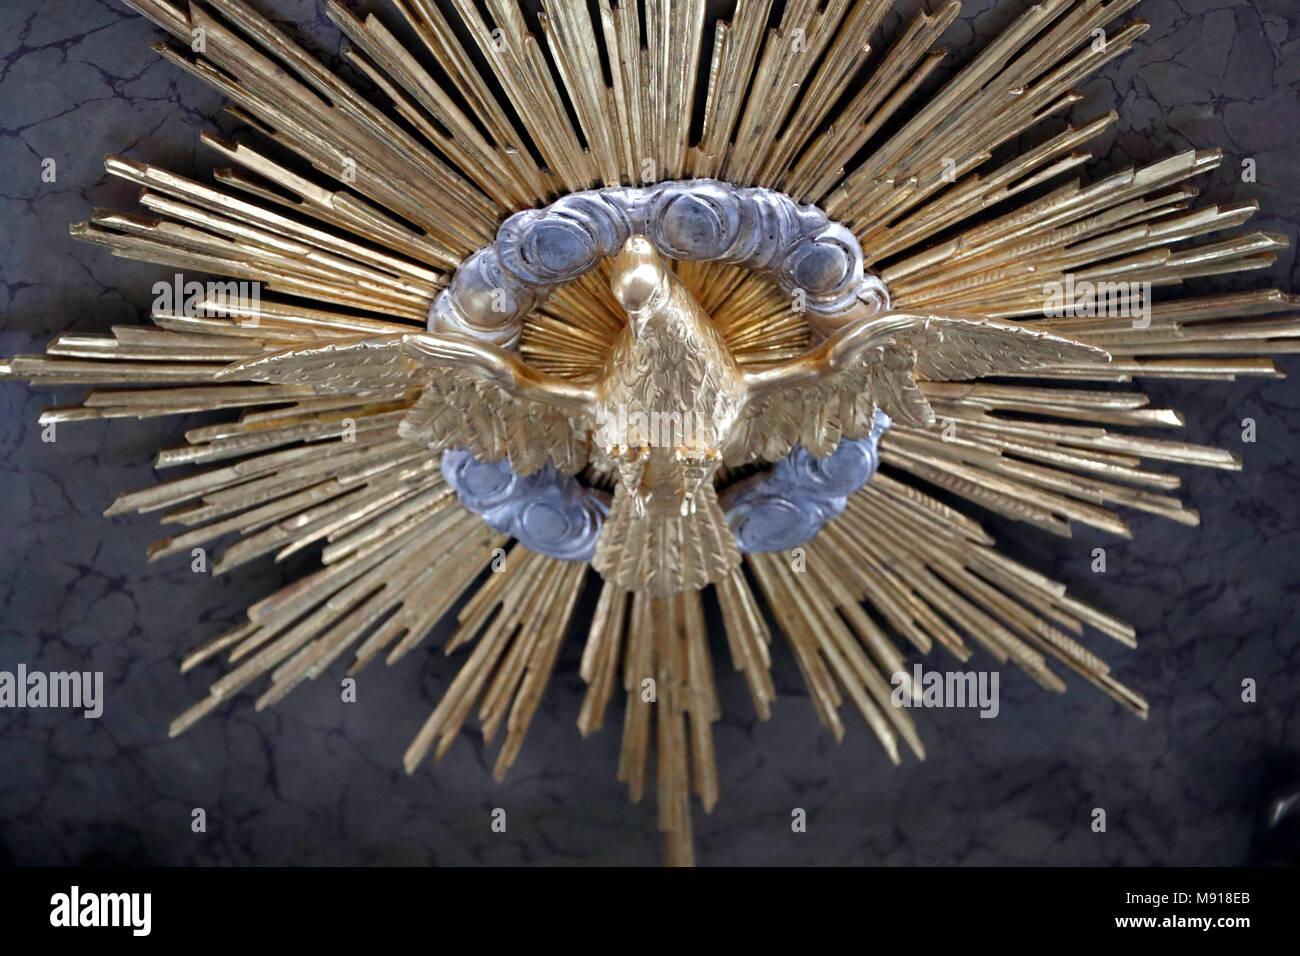 La colombe de l'Esprit Saint. Fribourg. La Suisse. Photo Stock